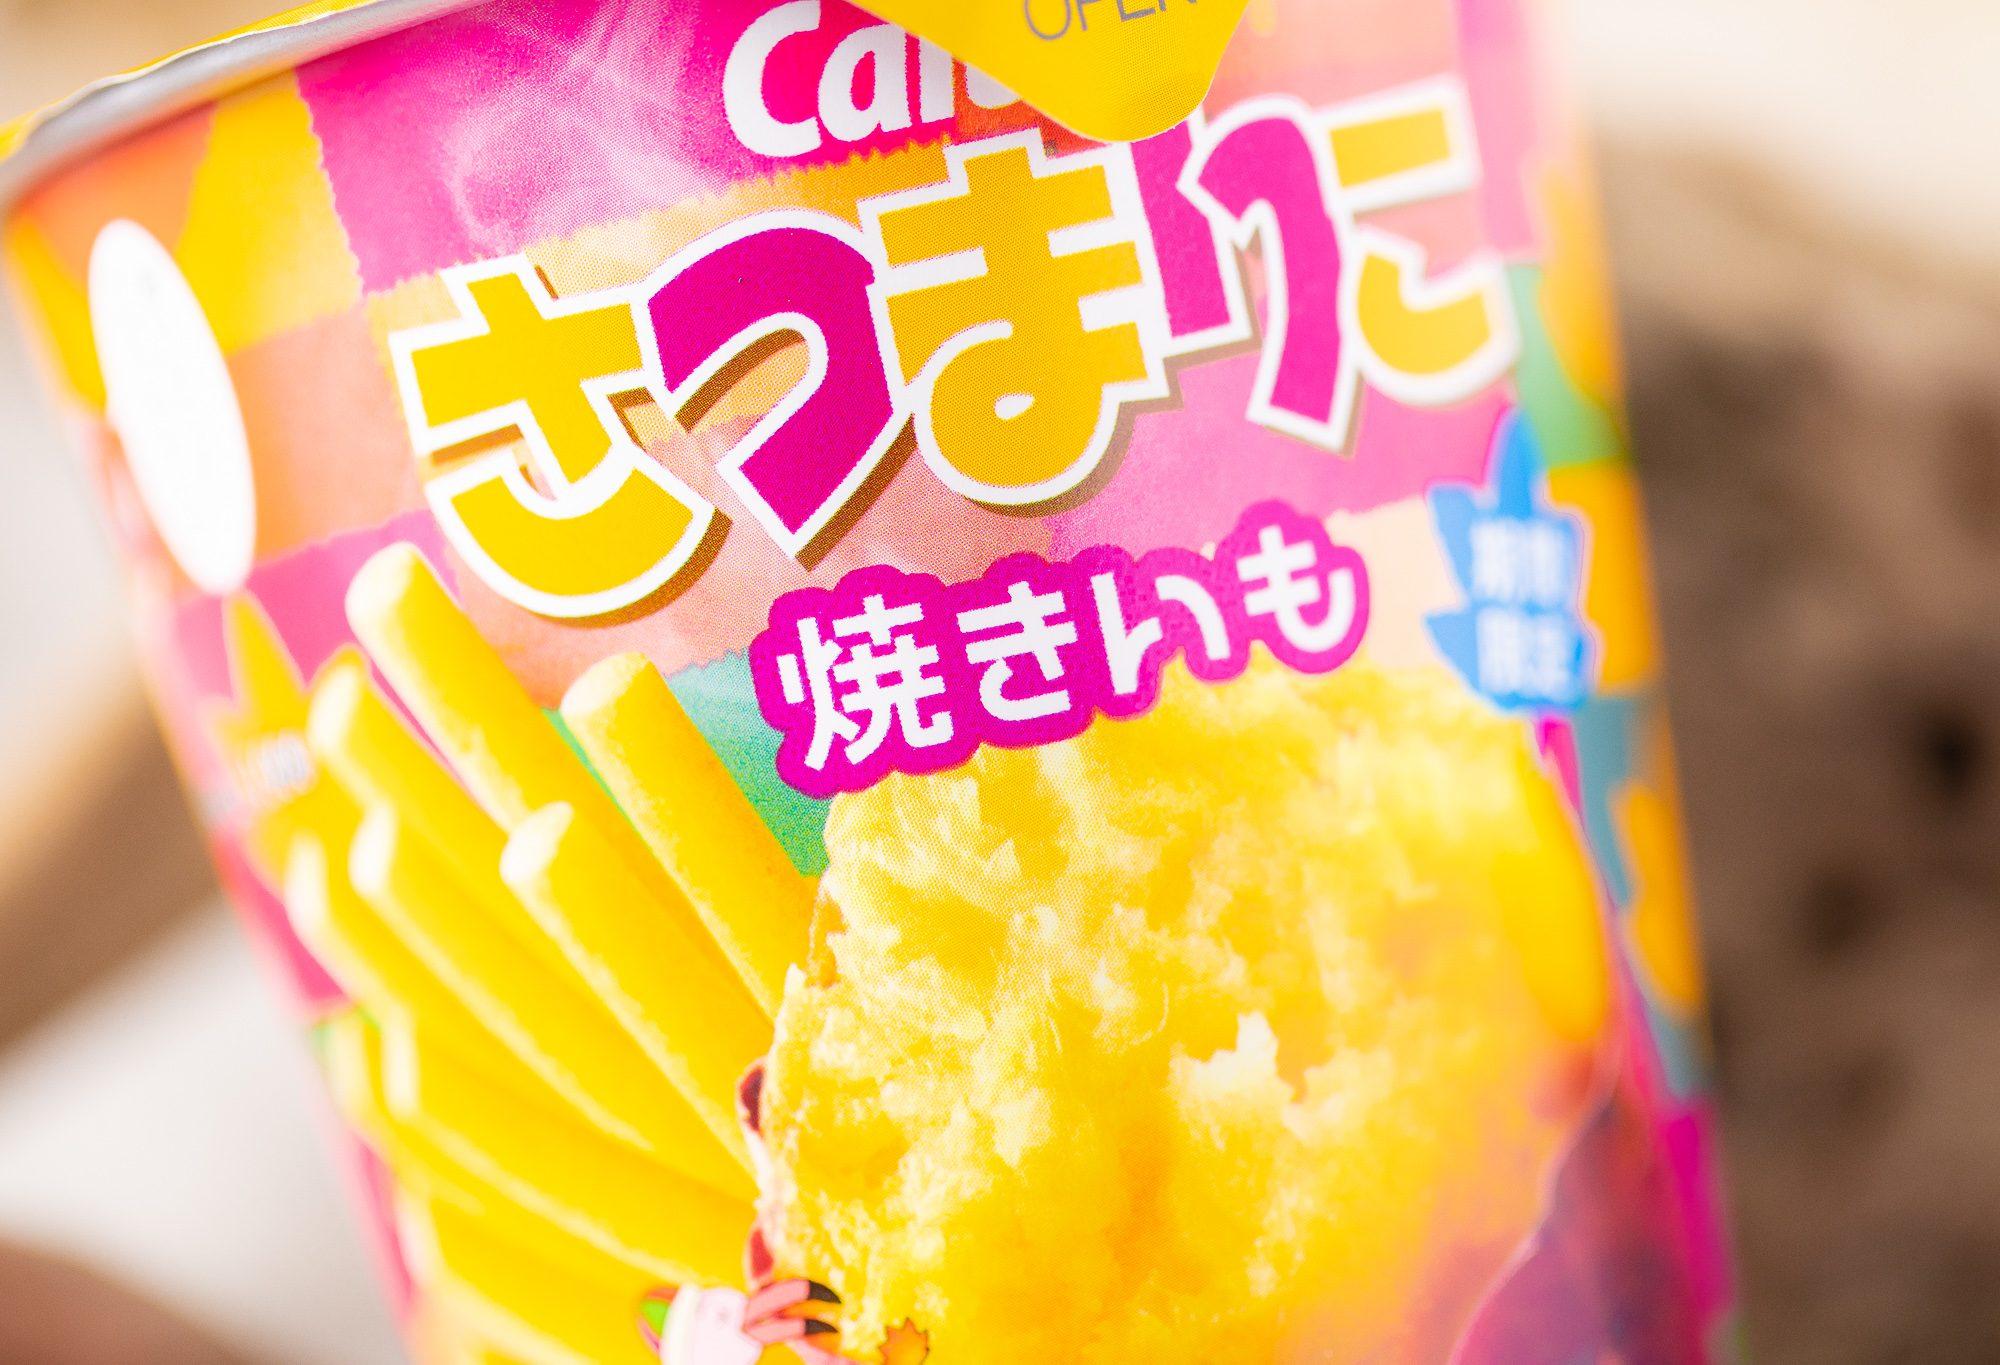 カルビー『さつまりこ 焼きいも』は焼き芋の皮目の香ばしさとさつまいもの芳醇な風味を感じるコク旨さつまいもスナック!